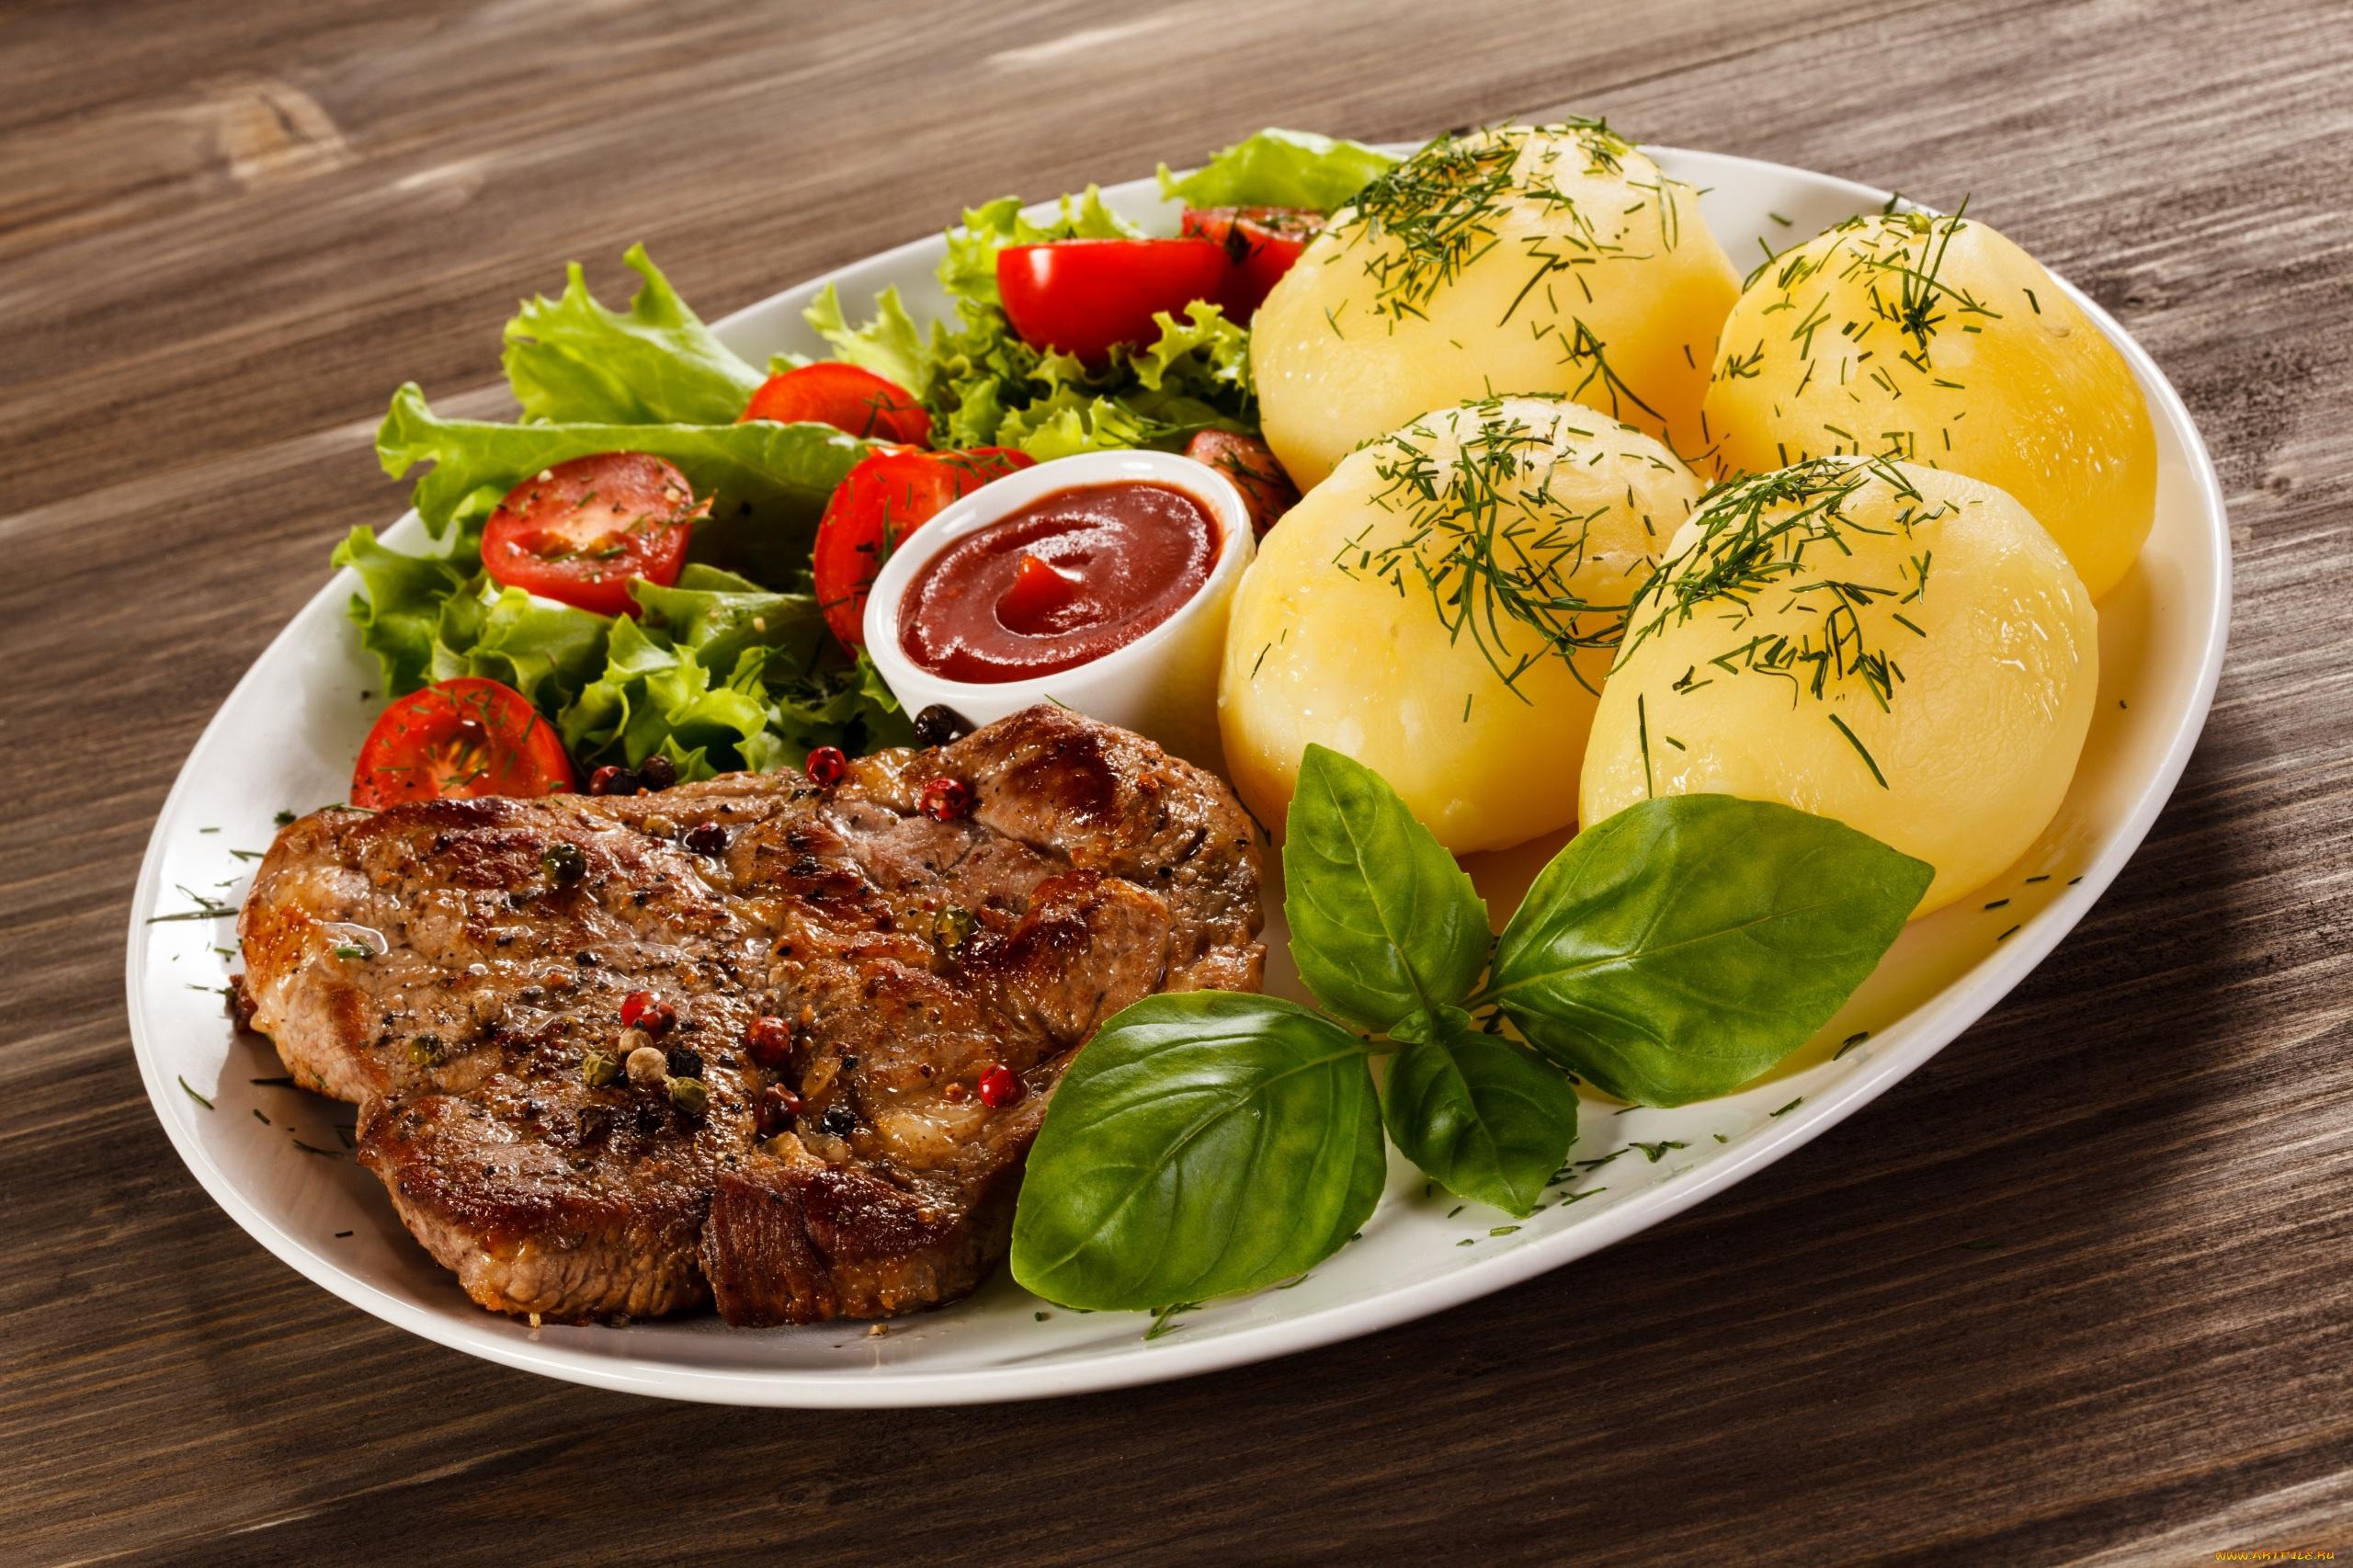 Картинки вкусных блюд из мяса